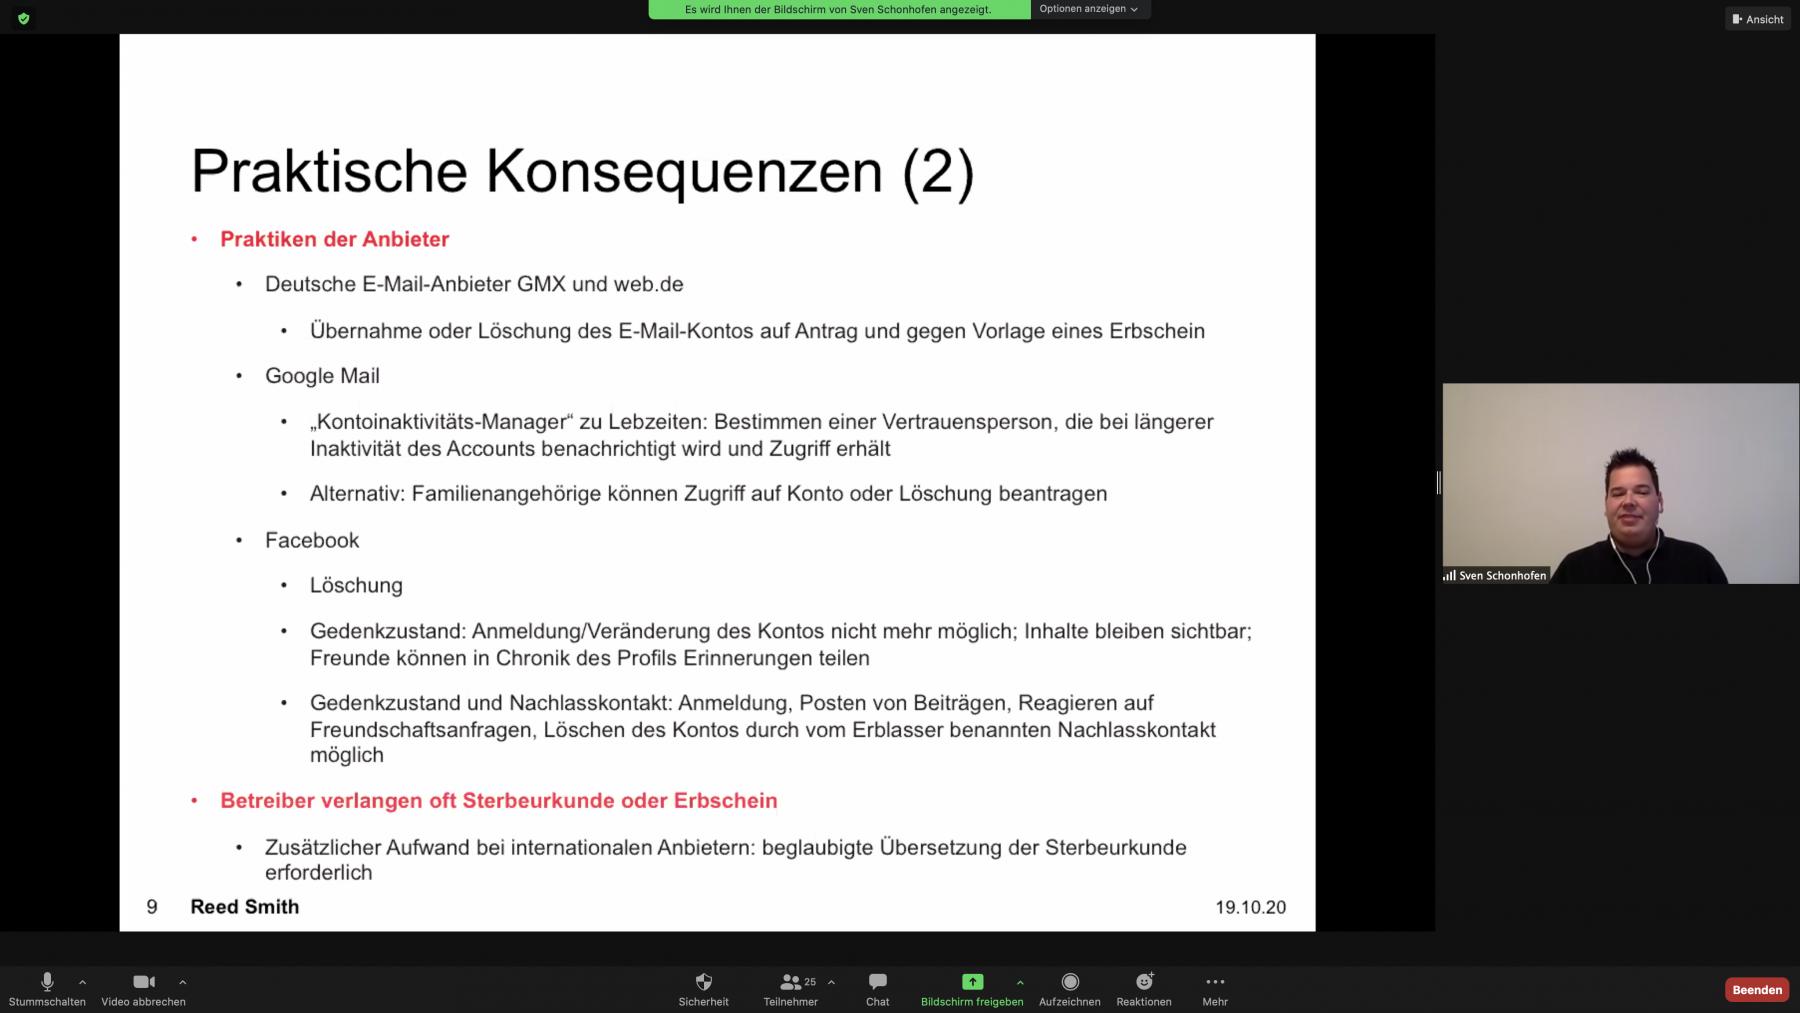 Bildschirmfoto-2020-10-19-um-17.18.25